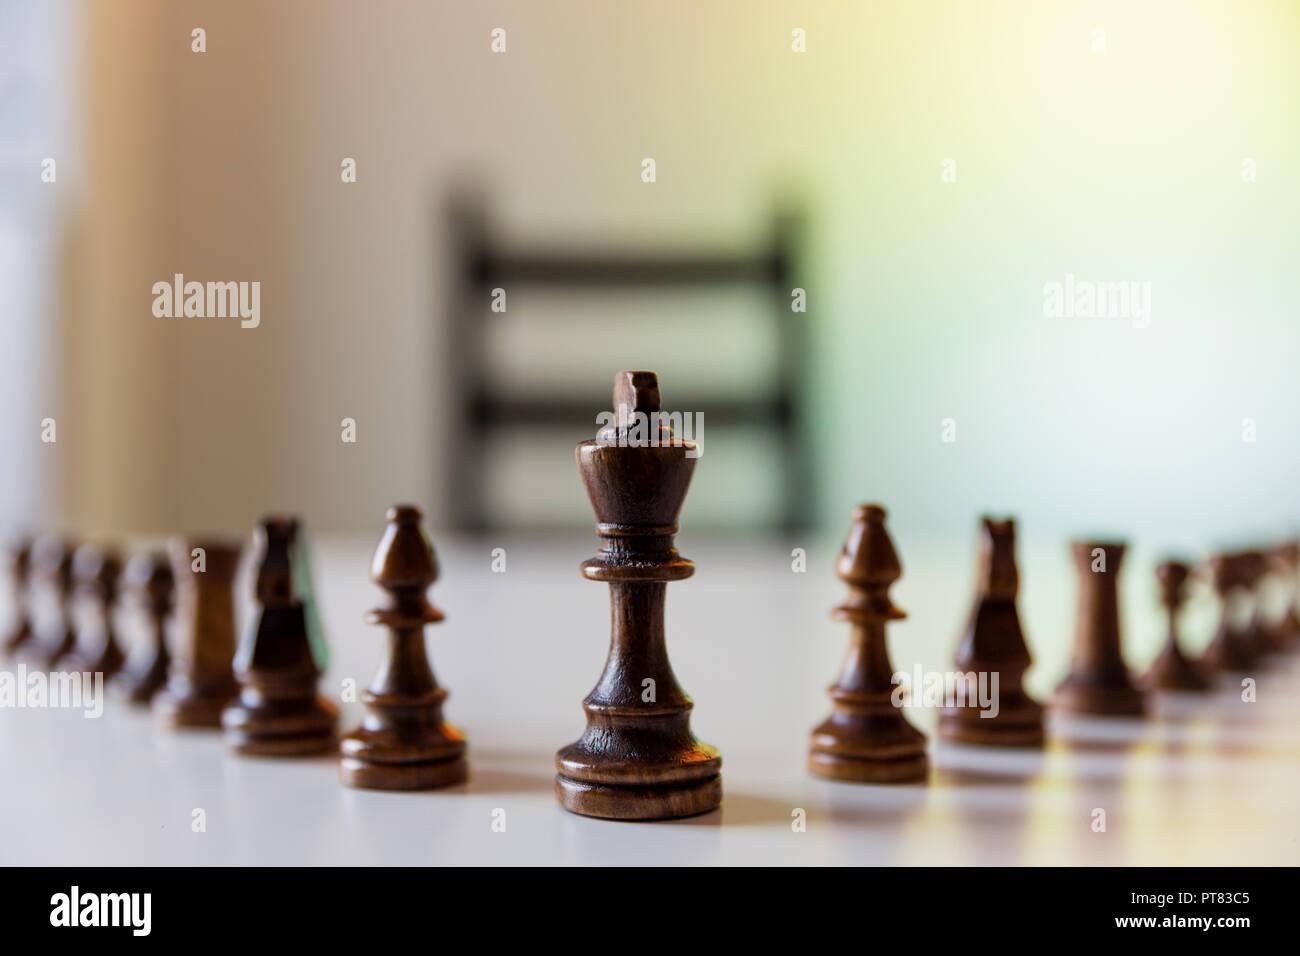 Stratégie de planification avec des chiffres sur la table. La stratégie, le leadership et le travail d'équipe concept. Banque D'Images